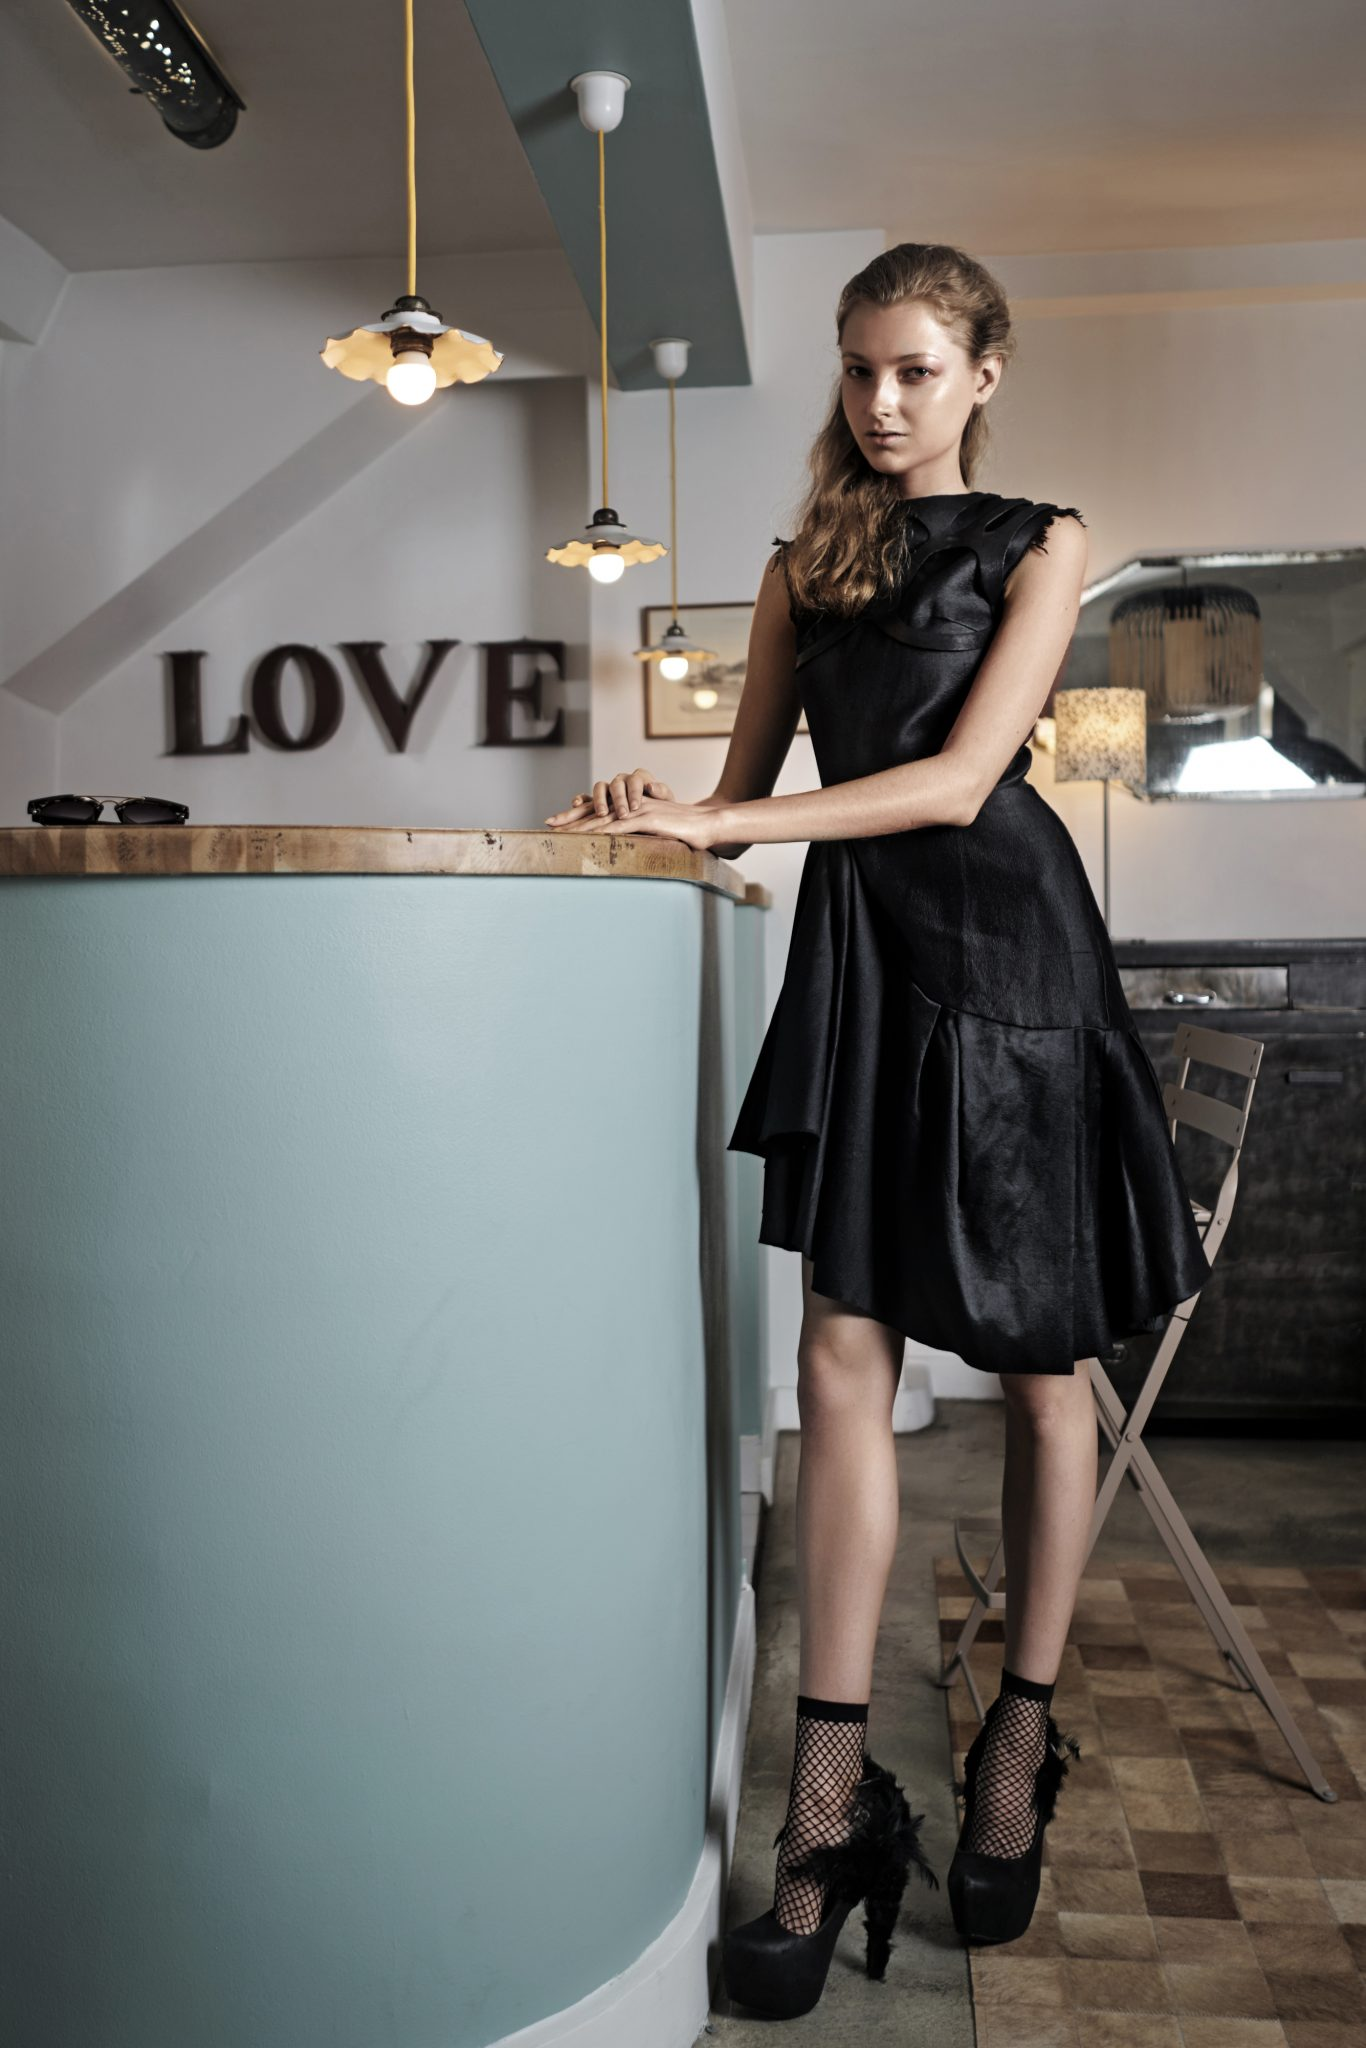 Olya fashion story le dernier etage magazine olga chaikina fedor photography